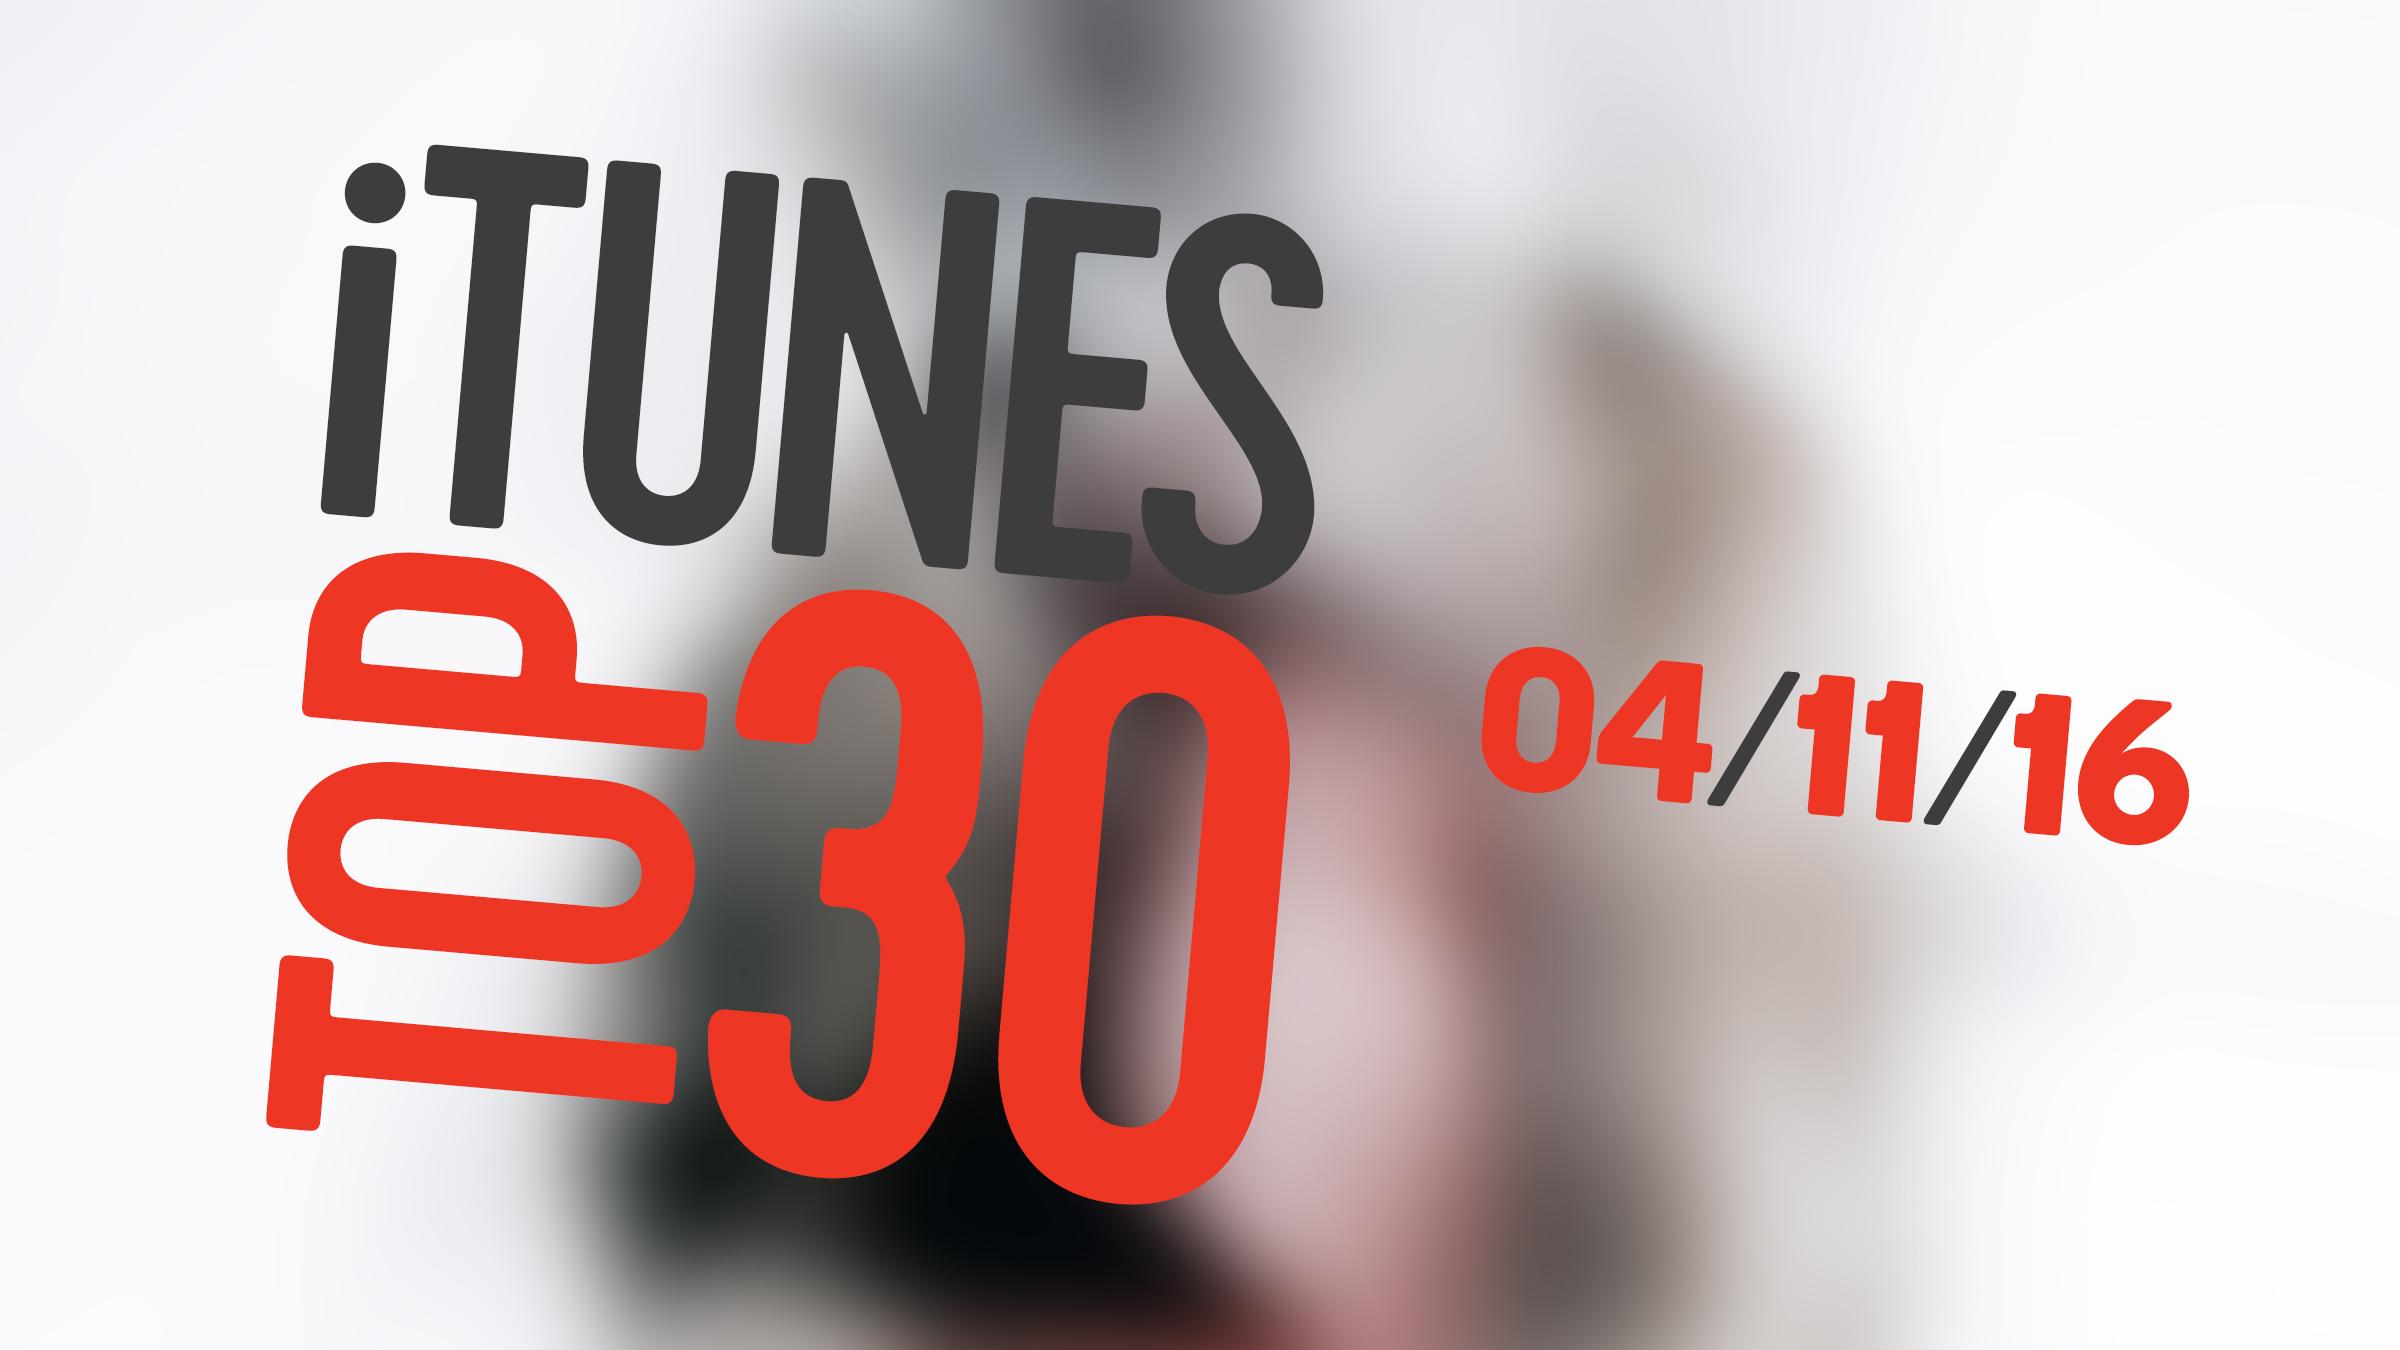 Qmusic teaser itunestop30 04112016